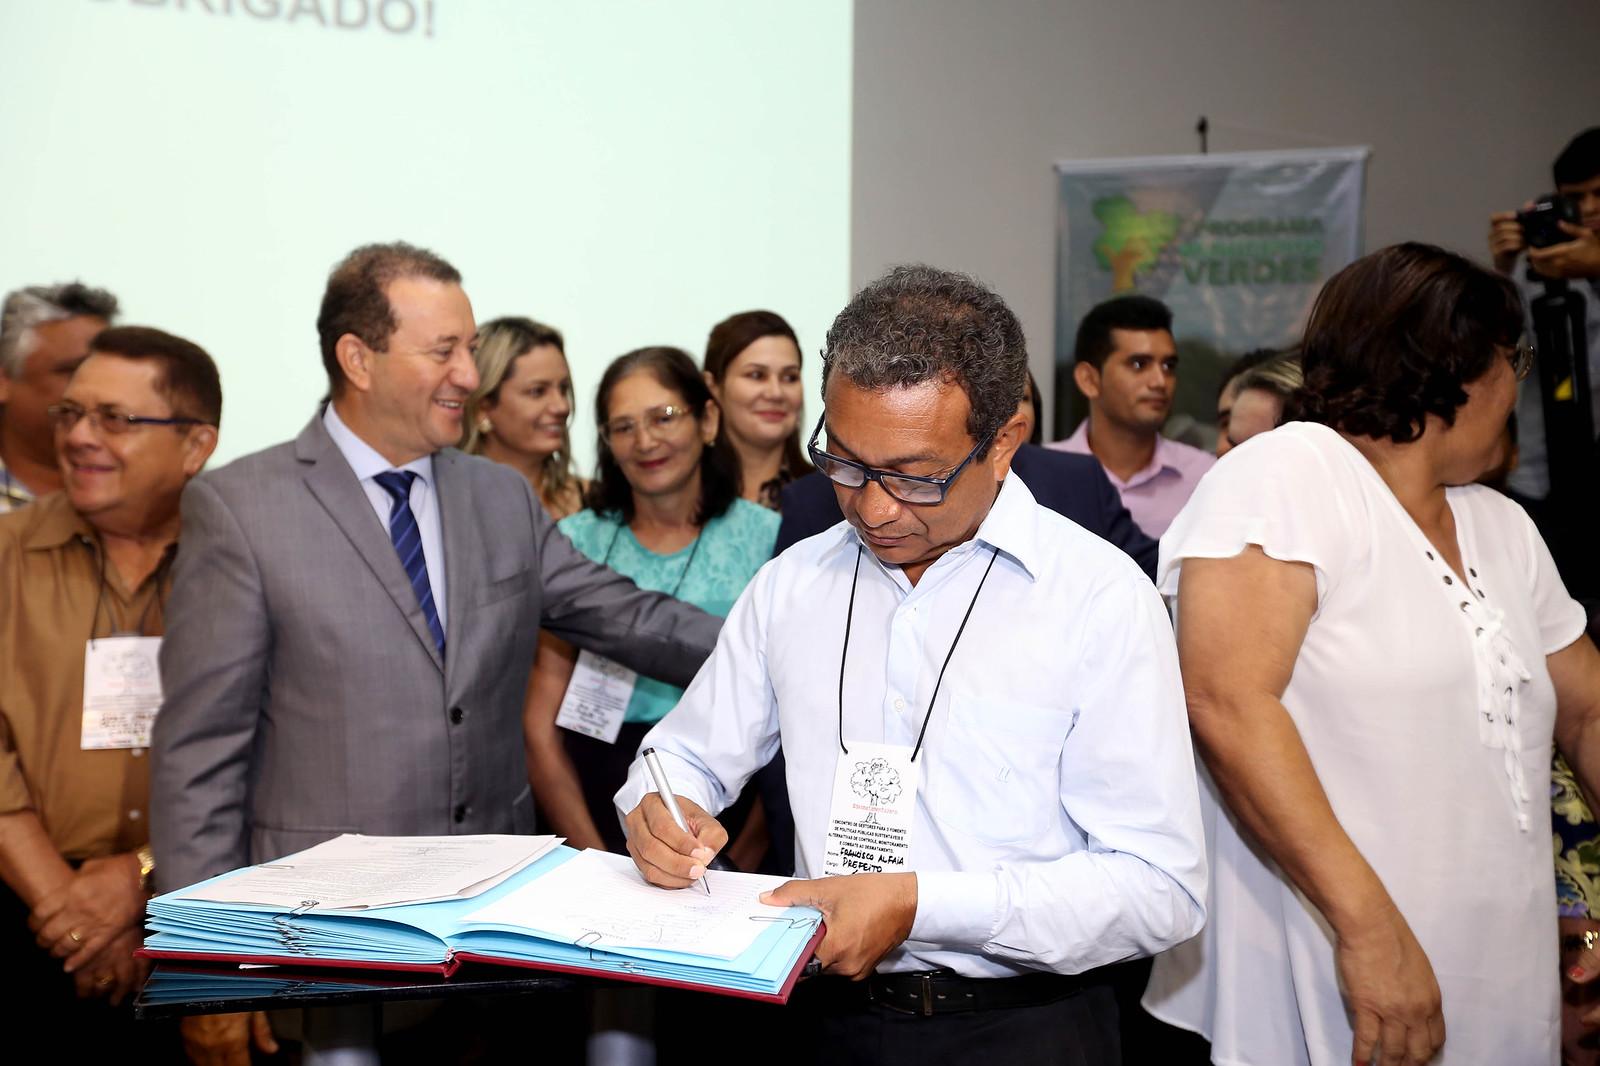 Óbidos vai às compras: R$ 5 milhões em medicamentos em 6 empresas, Óbidos - Meio Ambiente